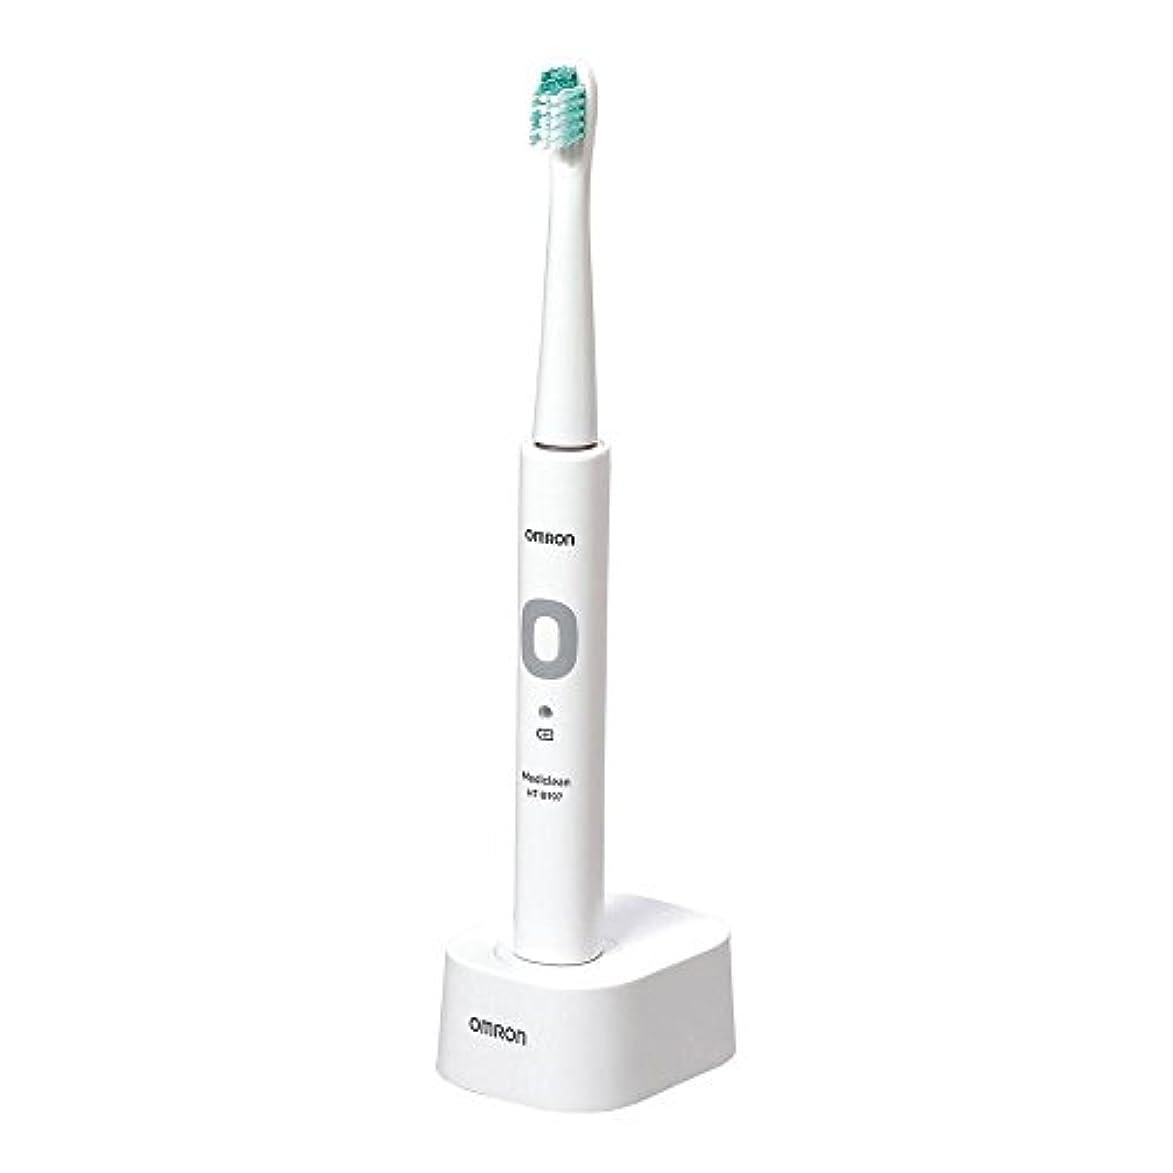 苦いウェブ化学オムロン 電動歯ブラシ 音波式 メディクリーン